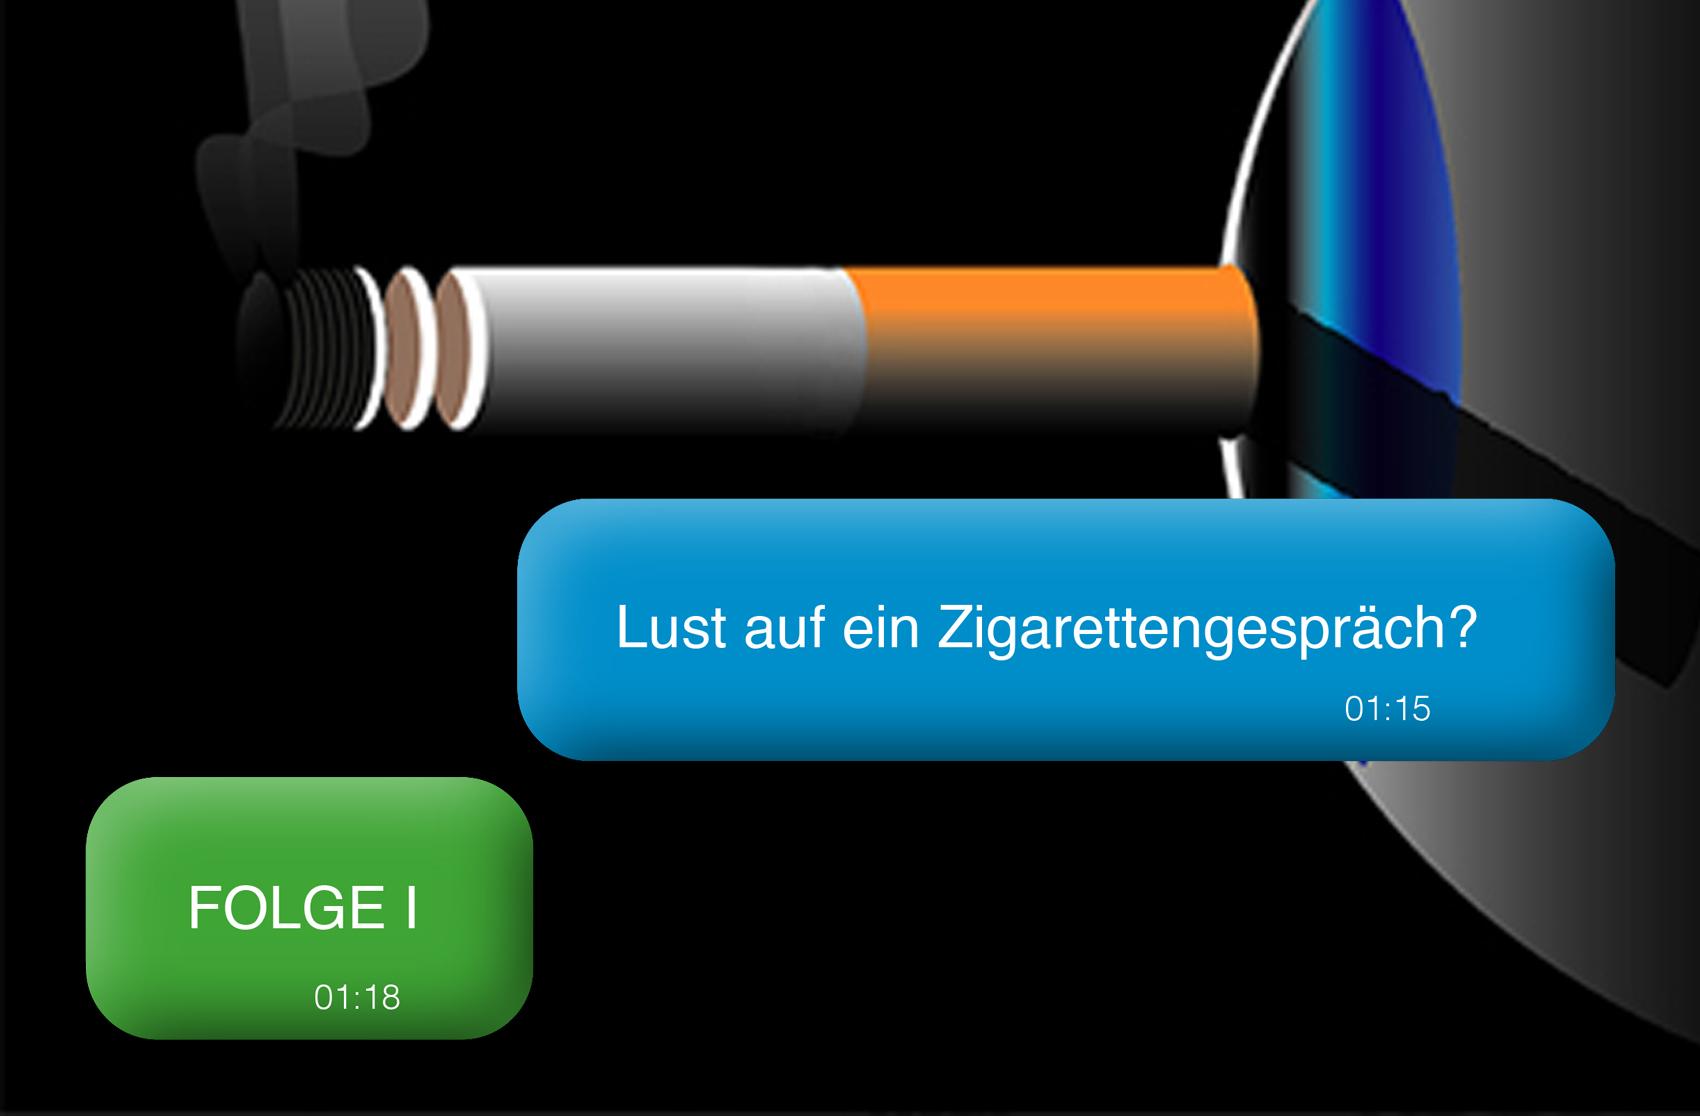 Lust auf ein Zigarettengespräch? VOL. 1